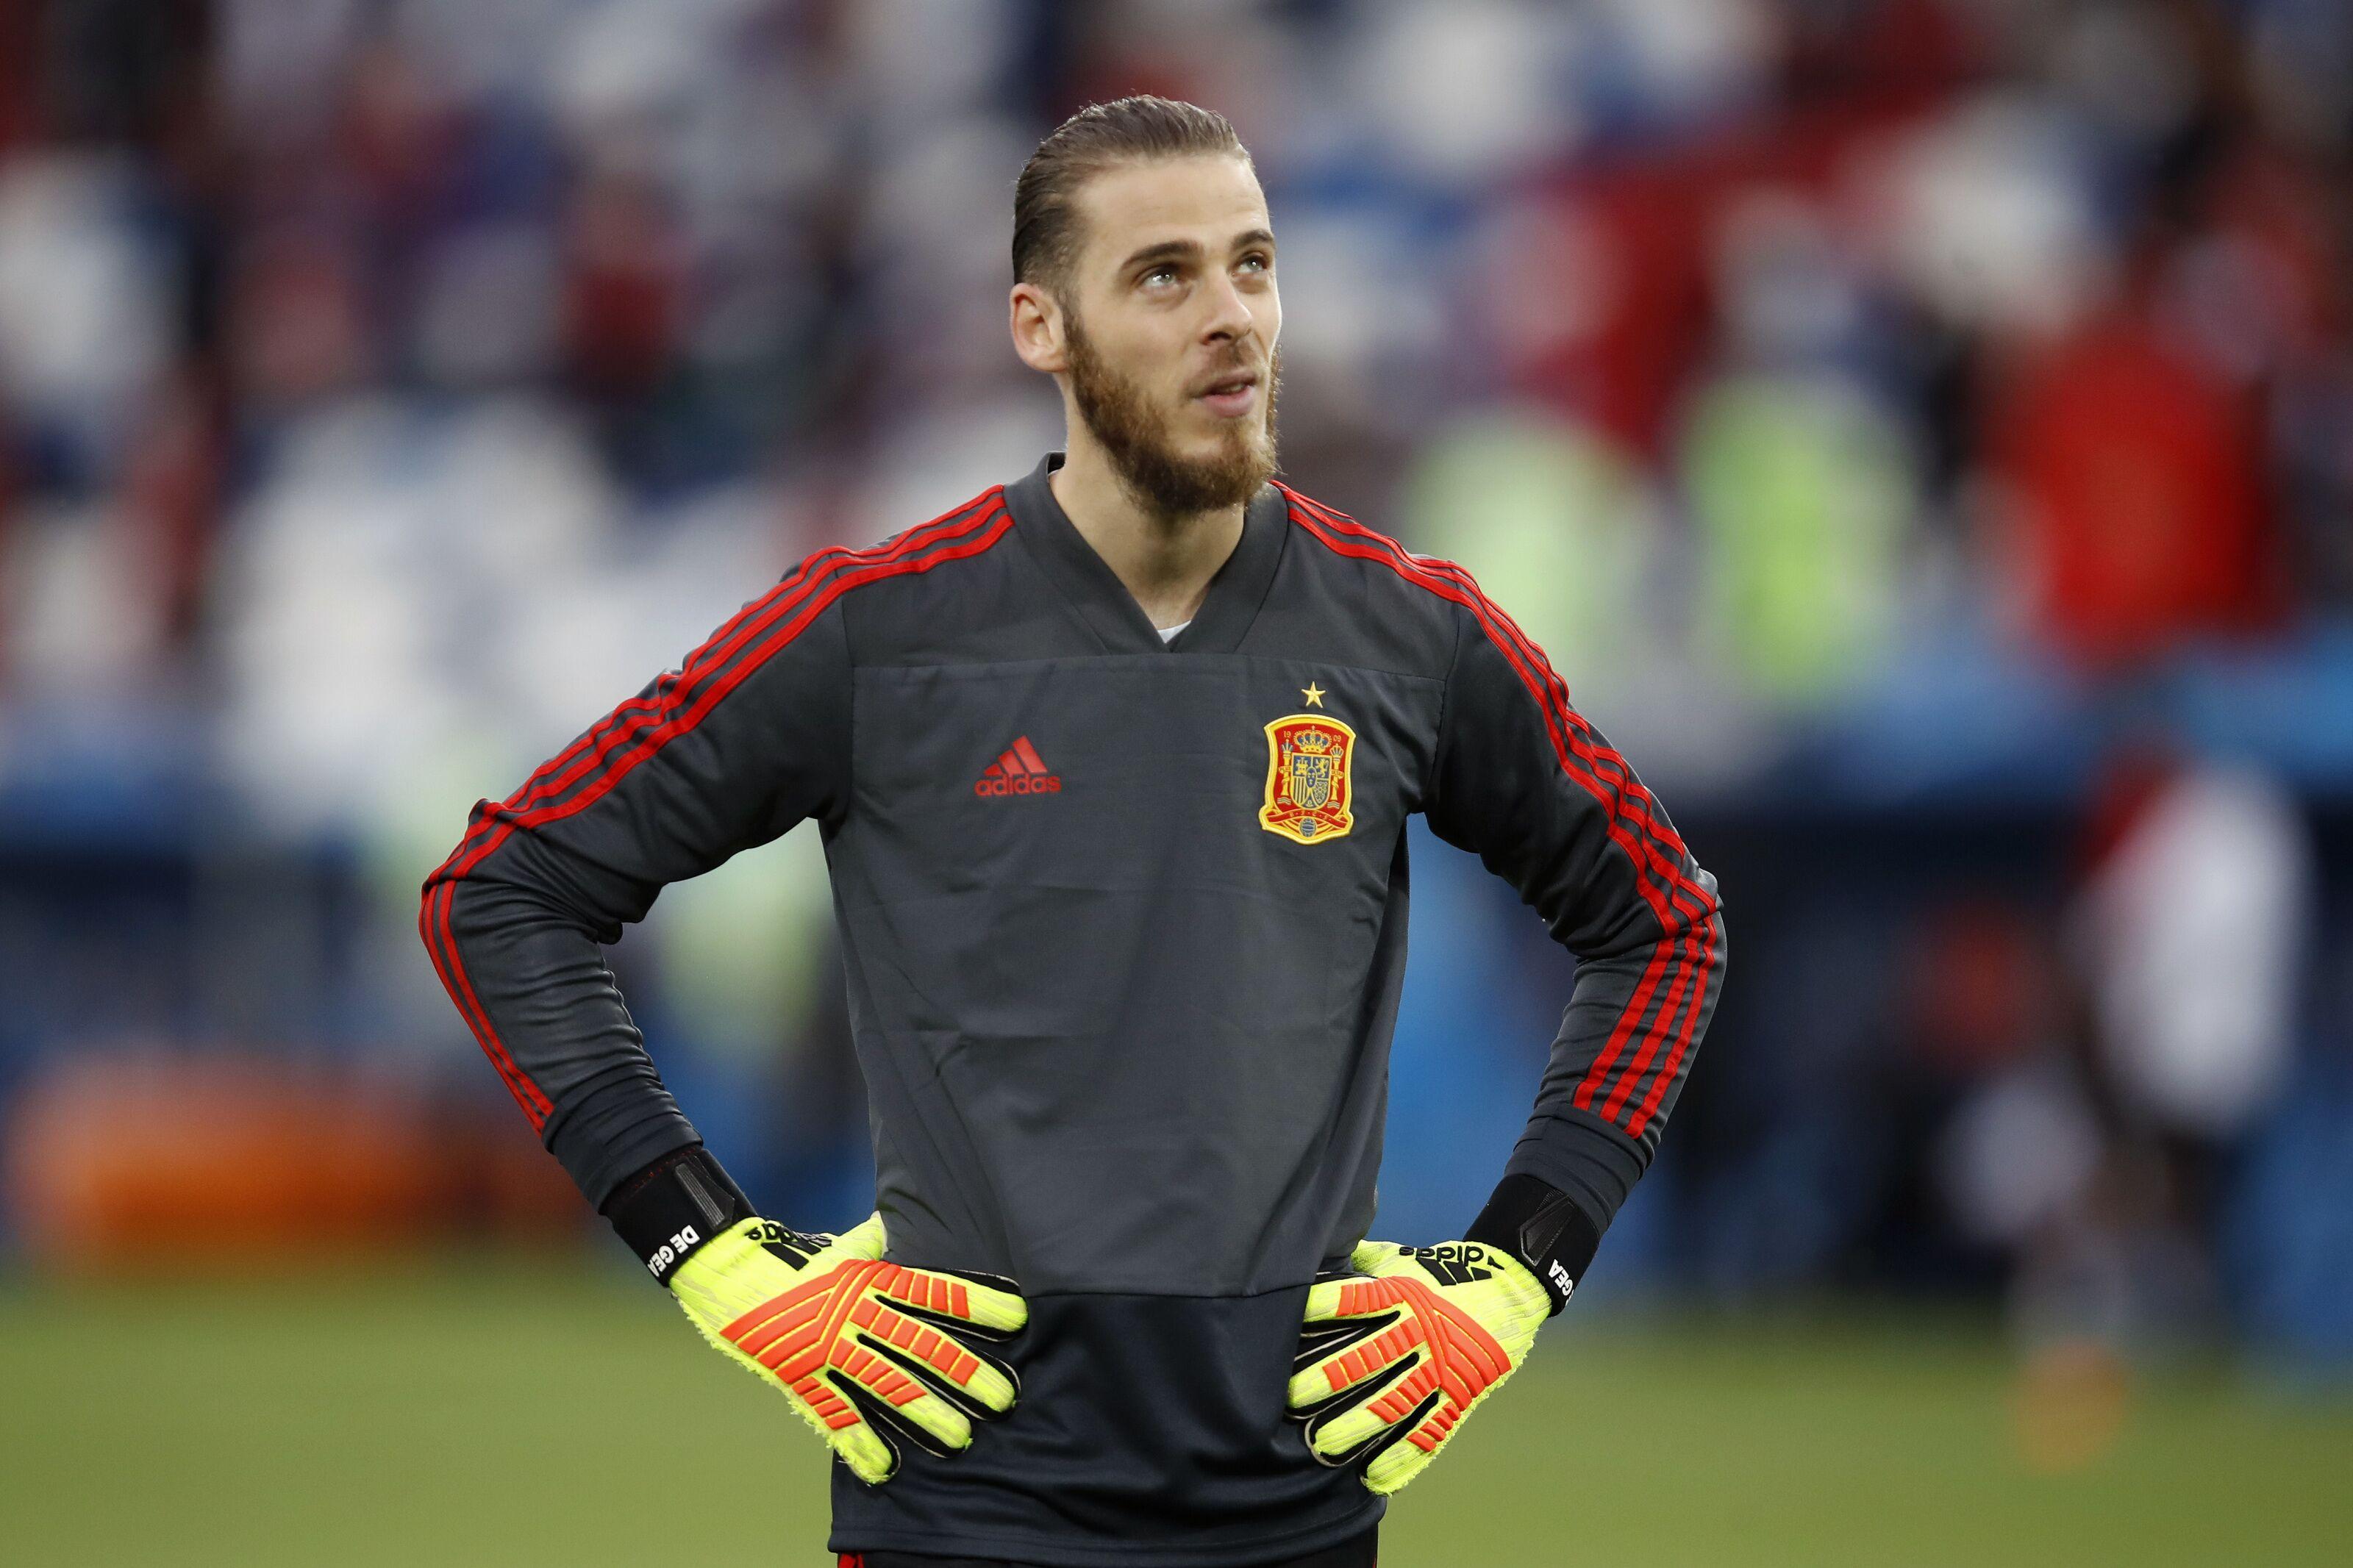 d7cf8becf90 World Cup  David de Gea showing his human after poor Spain display